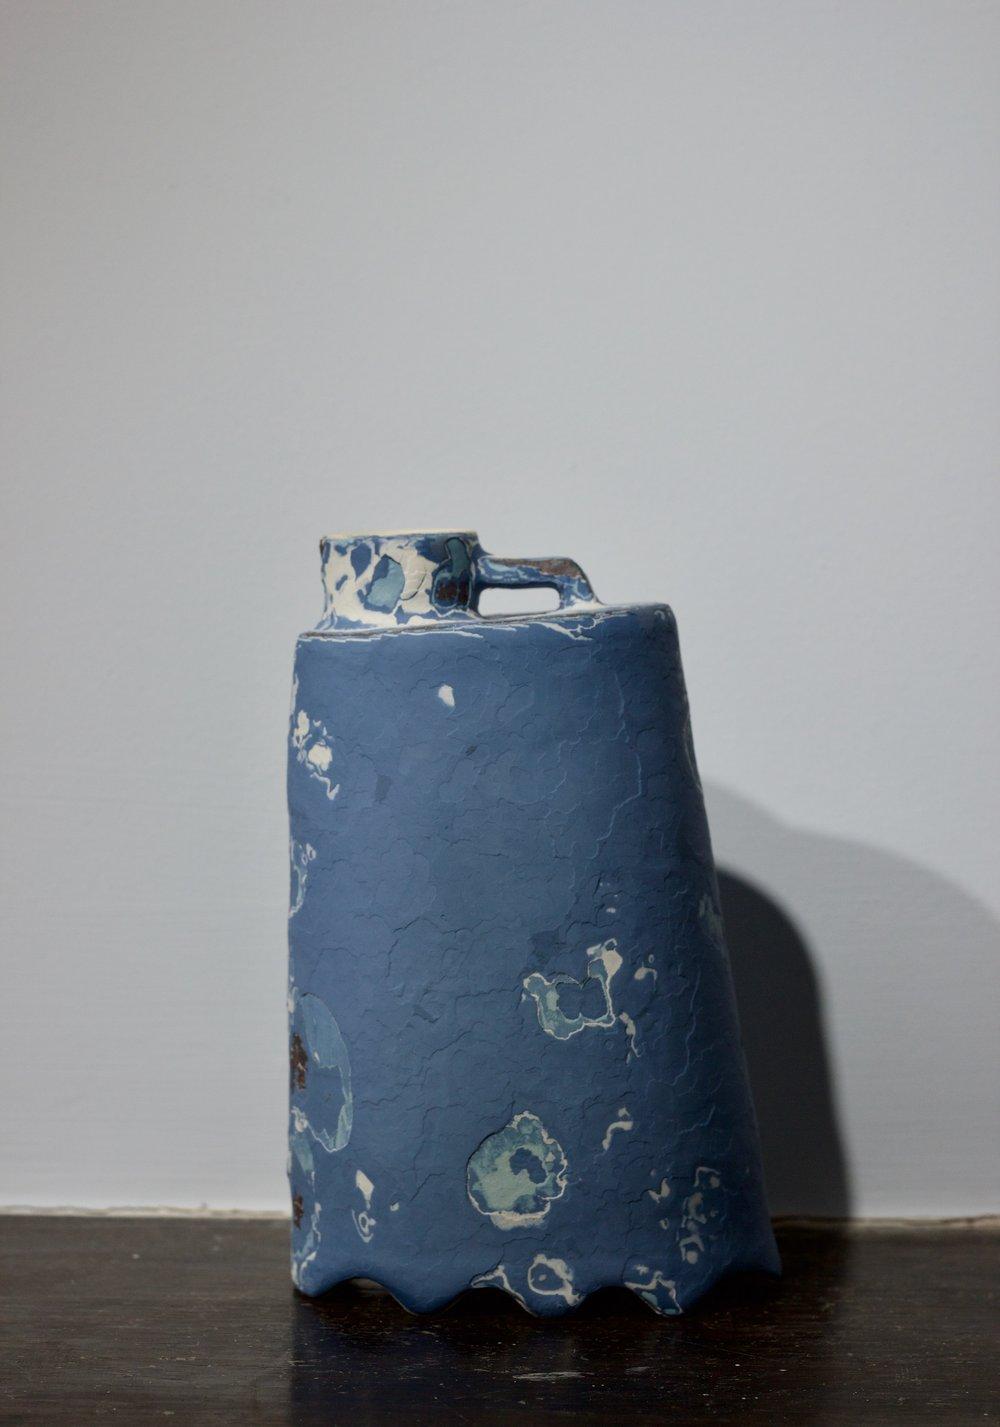 James Faulkner - Small Blue Bottle Vase